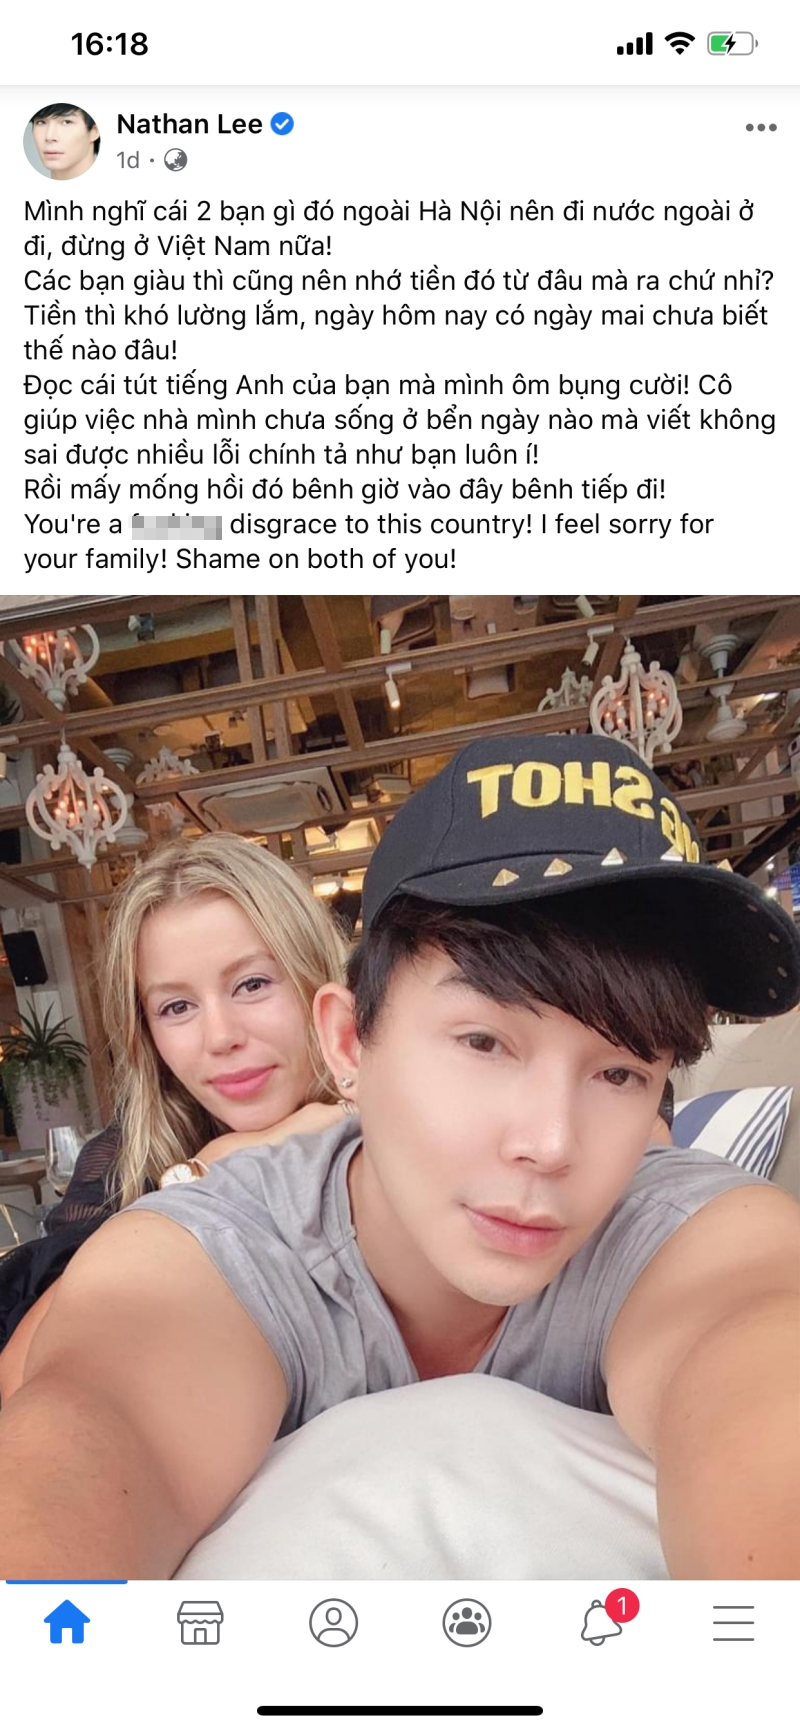 Sao Việt phản ứng với phát ngôn của chị em BN17 3